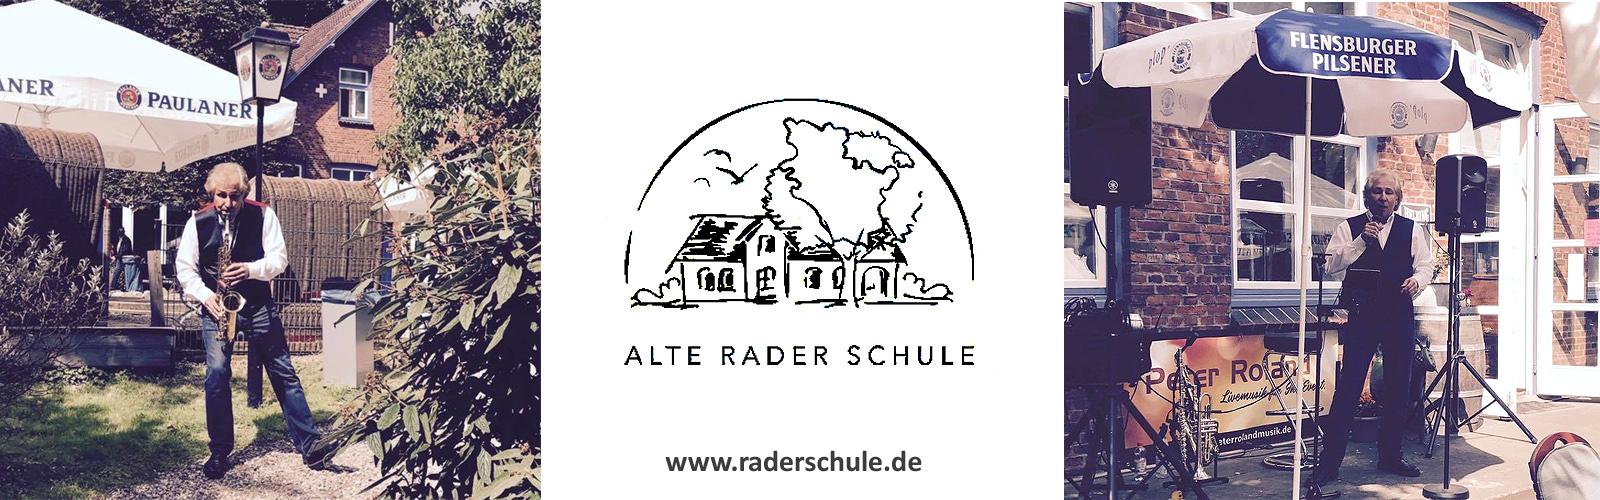 Sampler Alte Rader Schule 1600 500